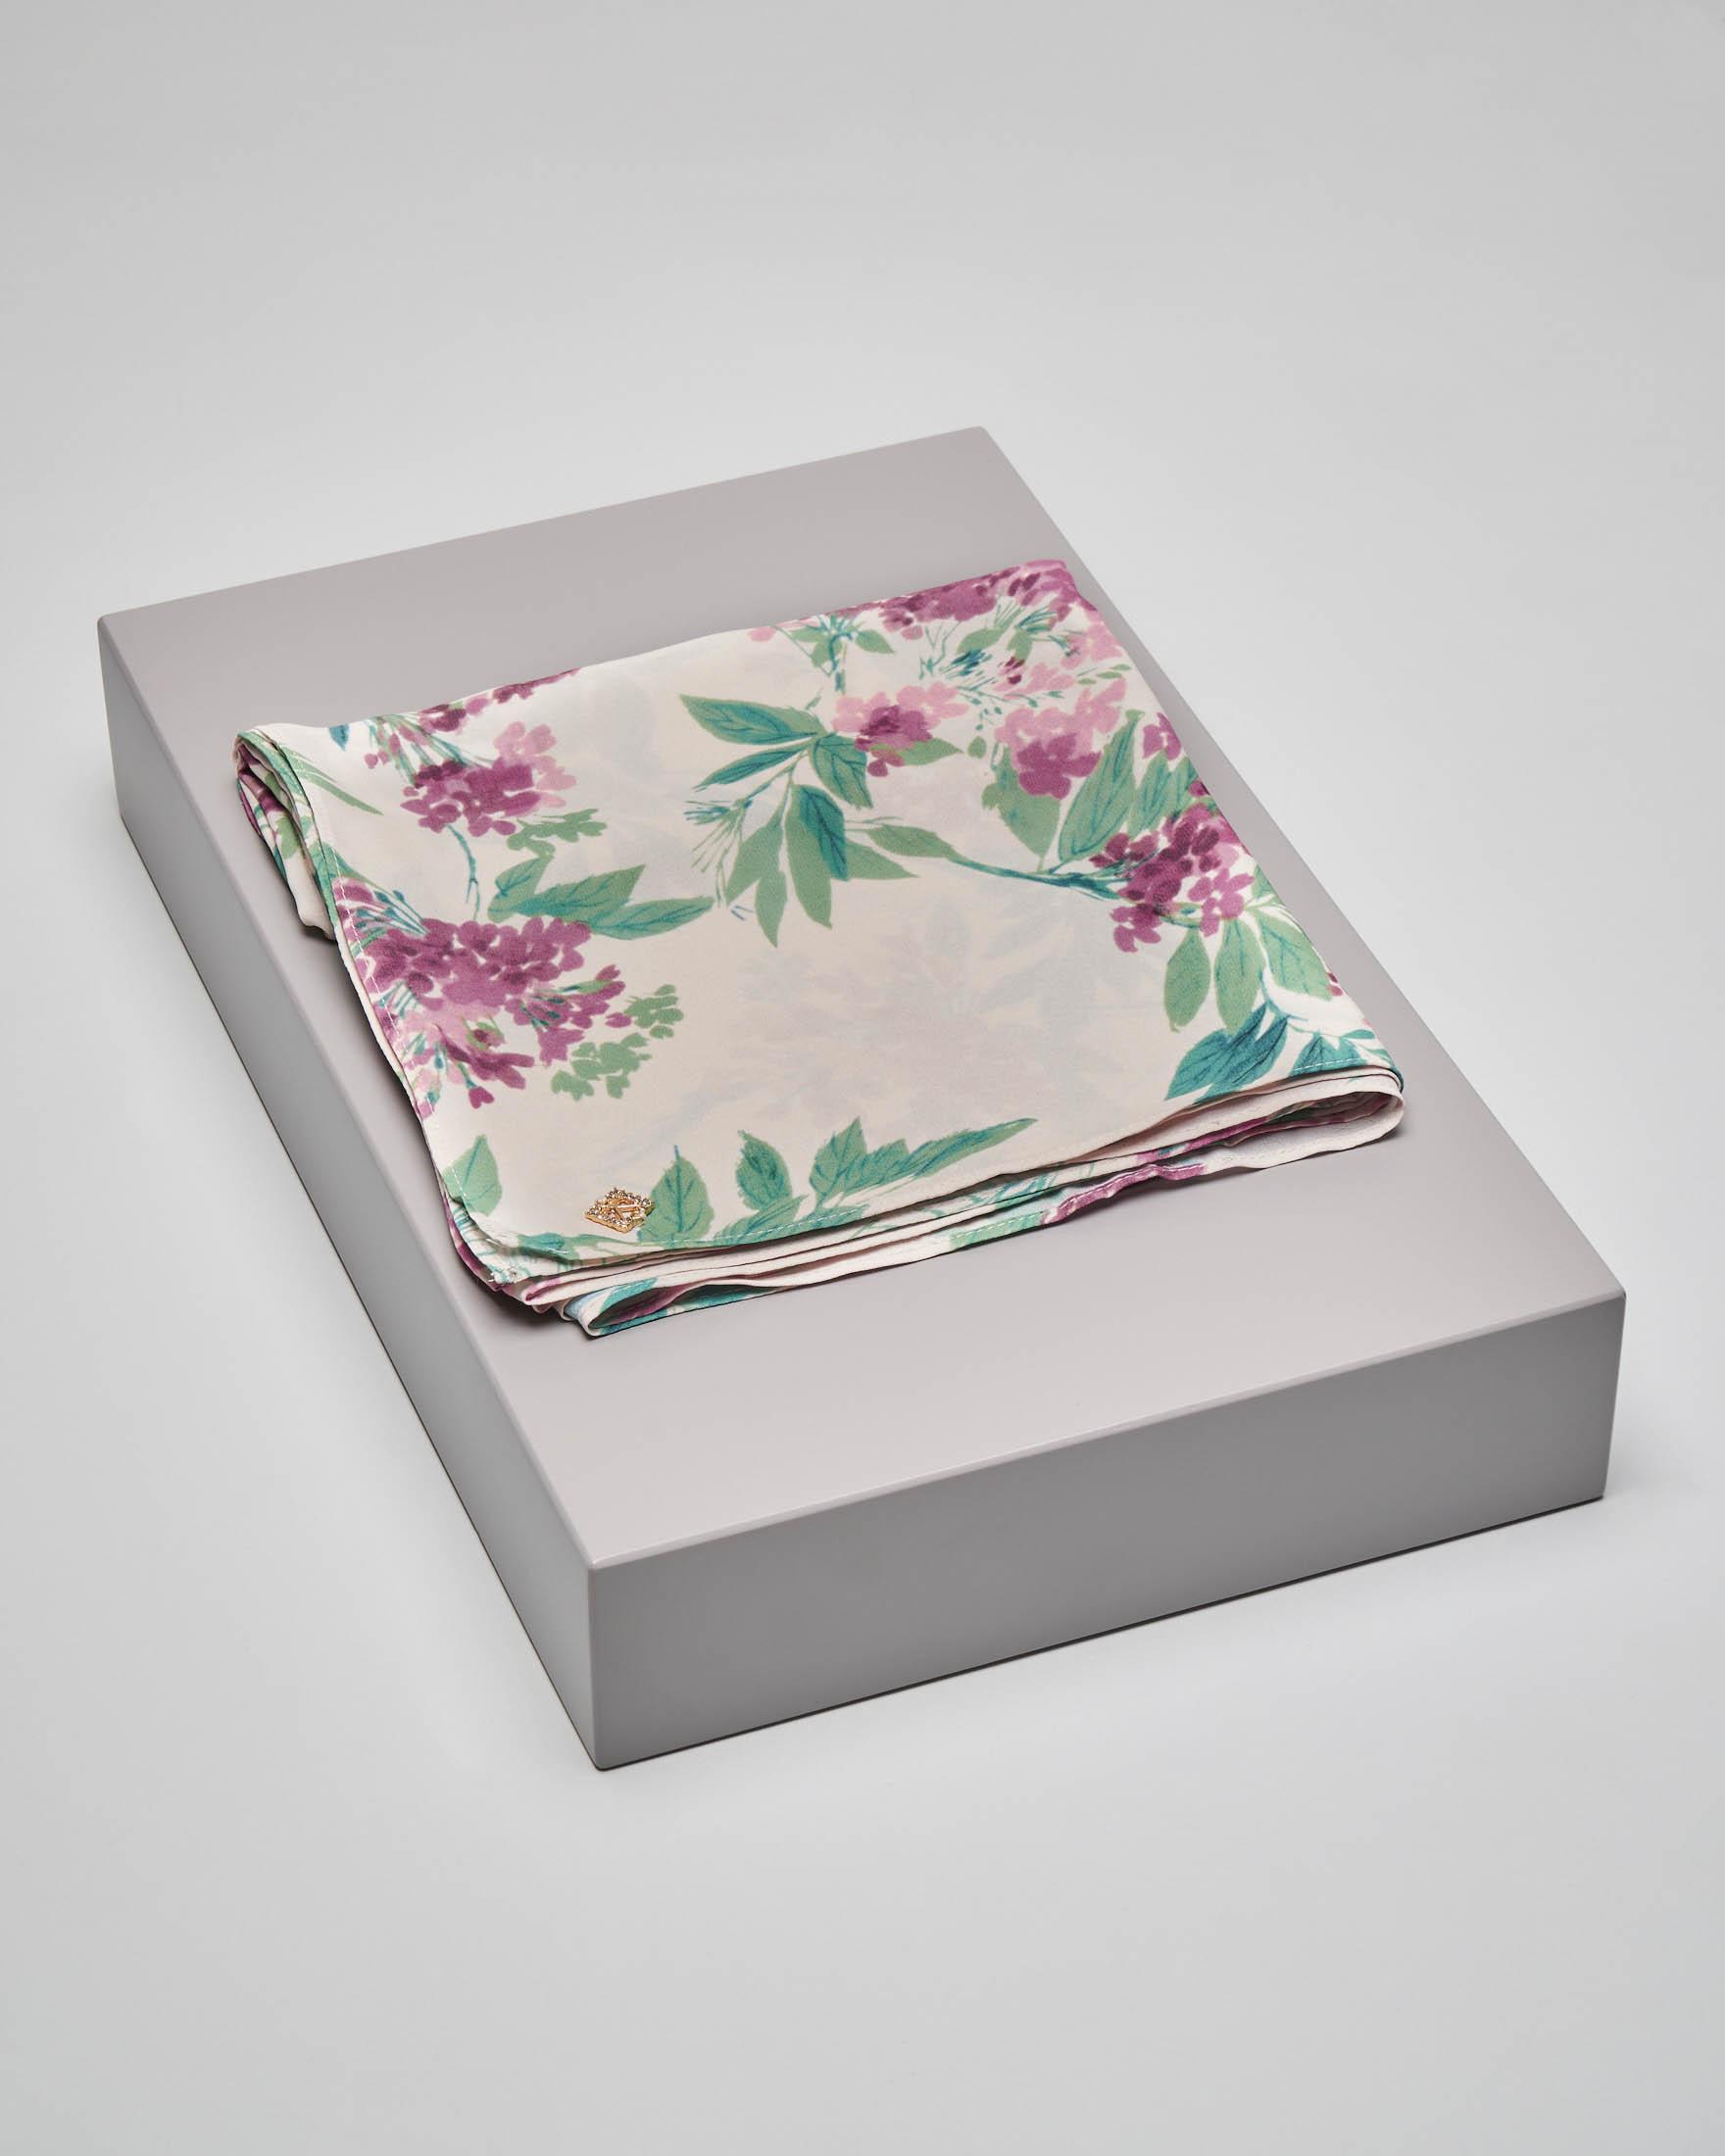 Stola avorio a stampa floreale in tessuto effetto chiffon di seta